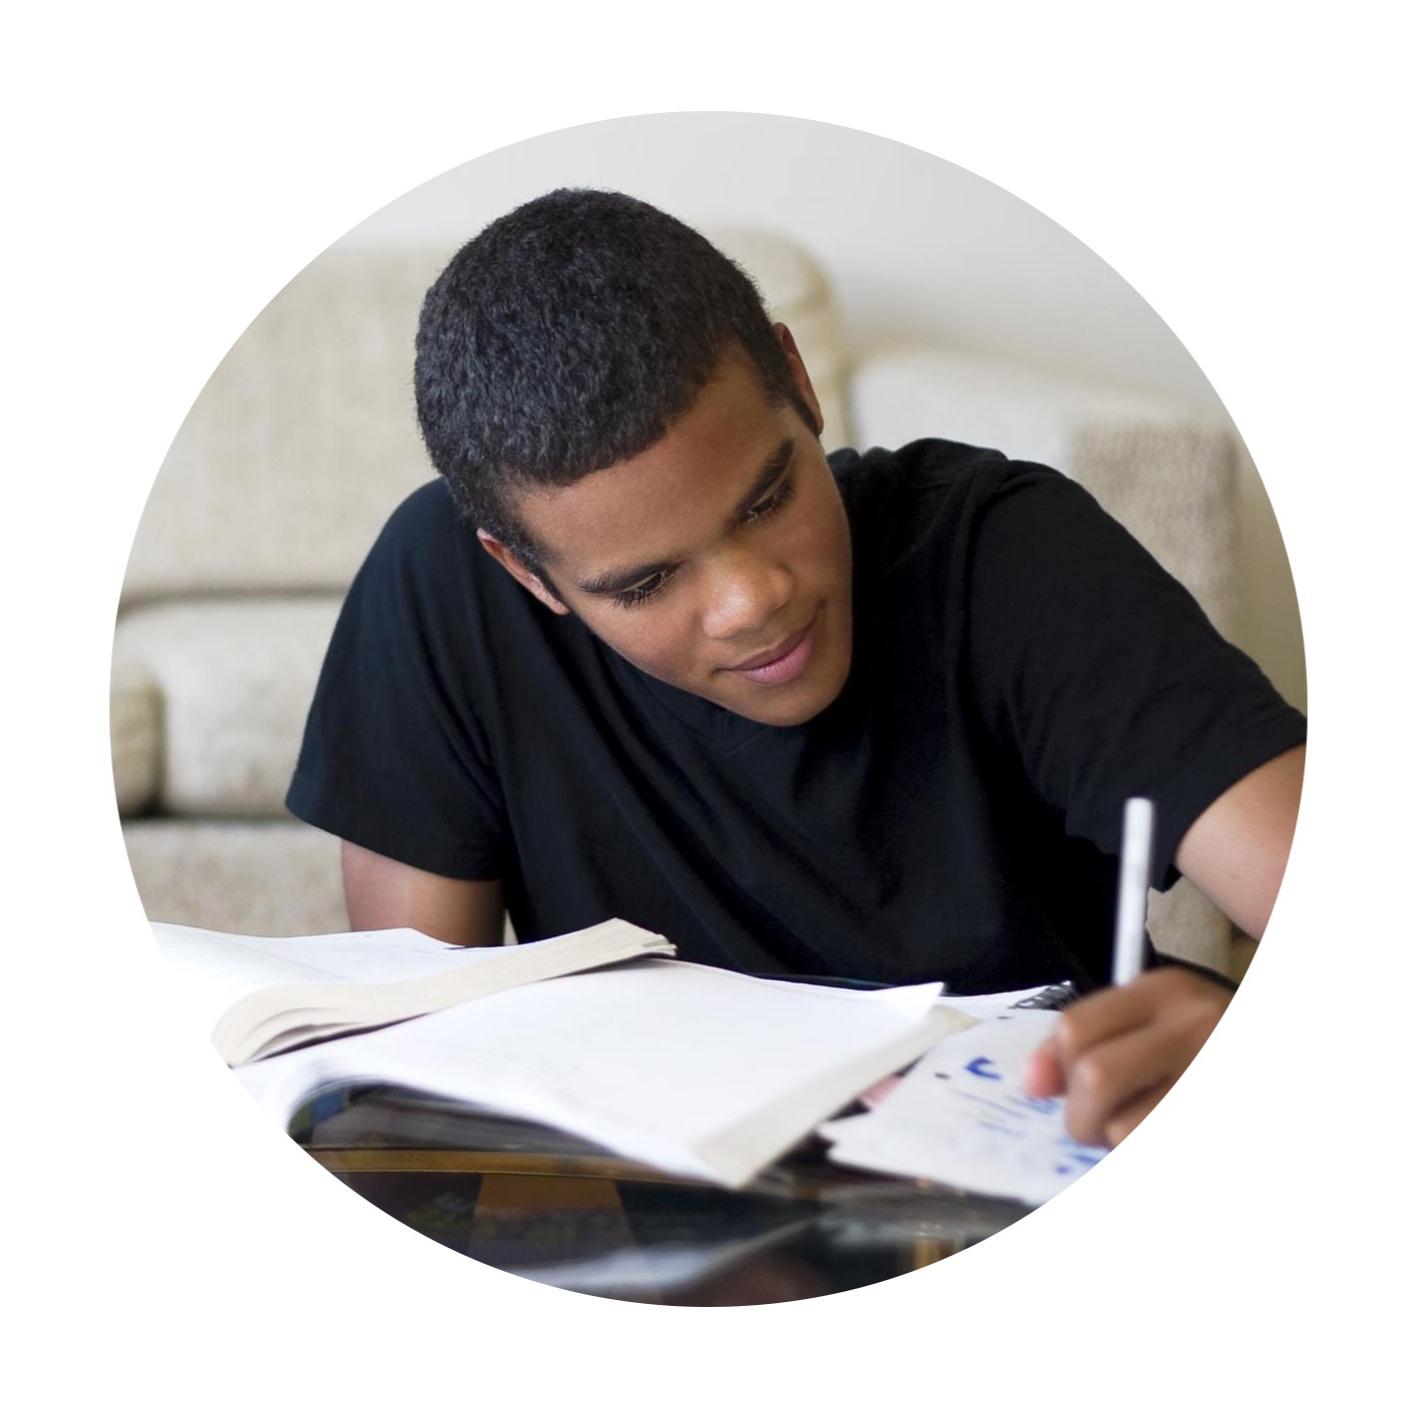 Smart+Schools+Website+High+School+Pic.jpg